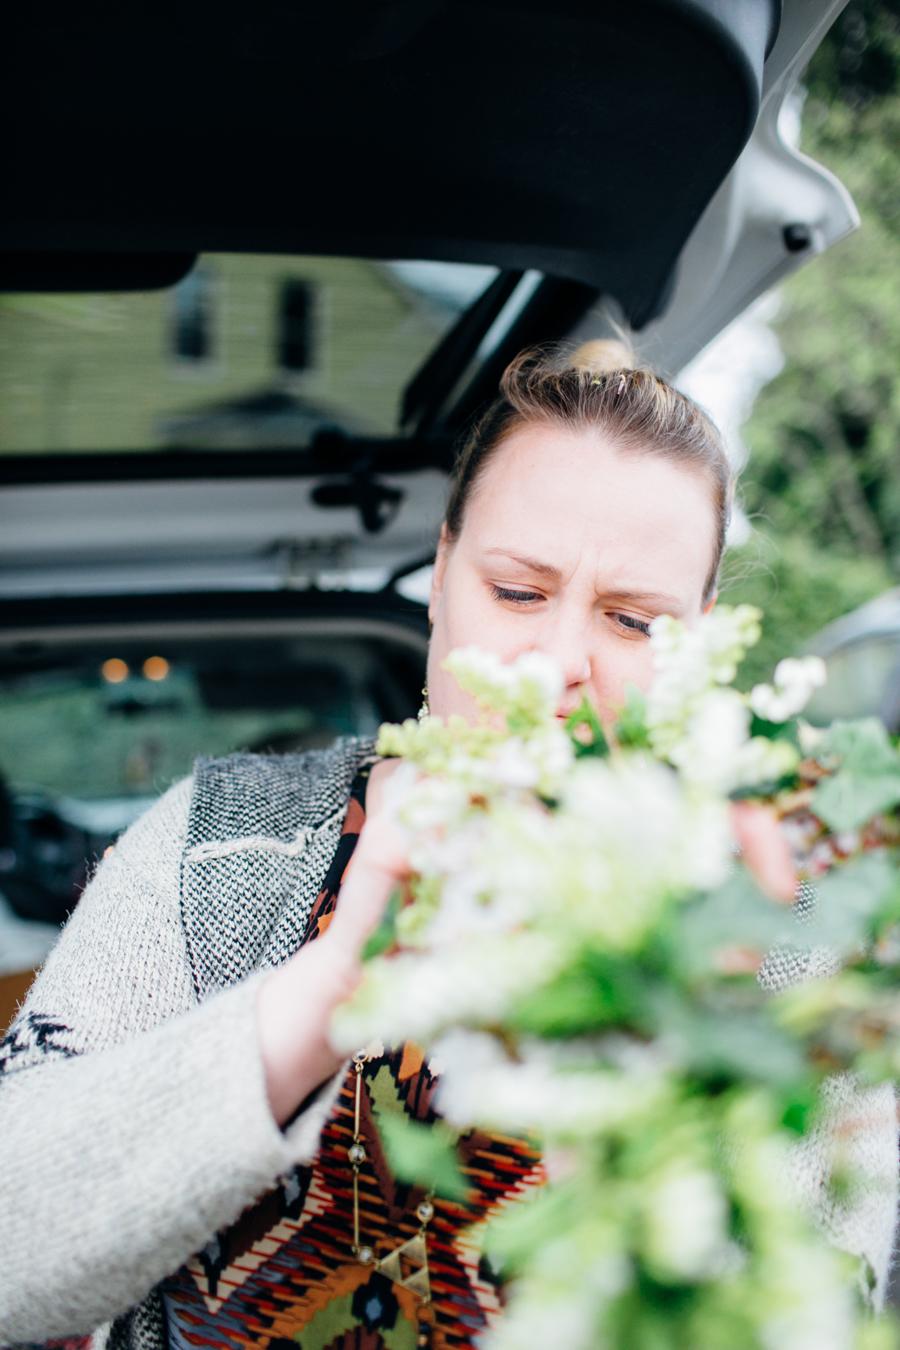 007-bellingham-stylized-flower-photographer-photo-pozie-by-natalie.jpg